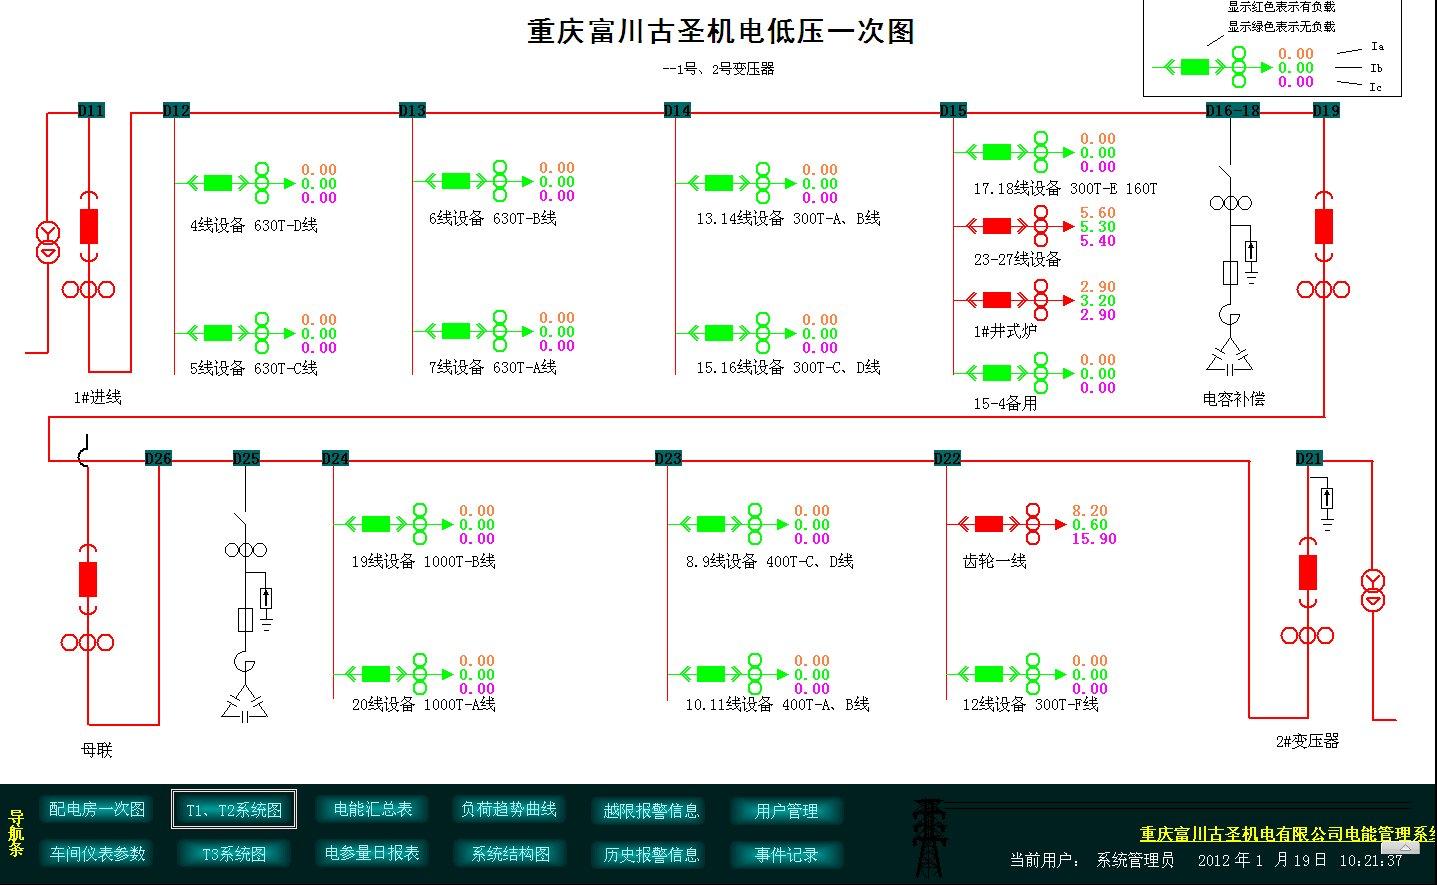 acrel-2000电力监控系统在**富川机电中的应用